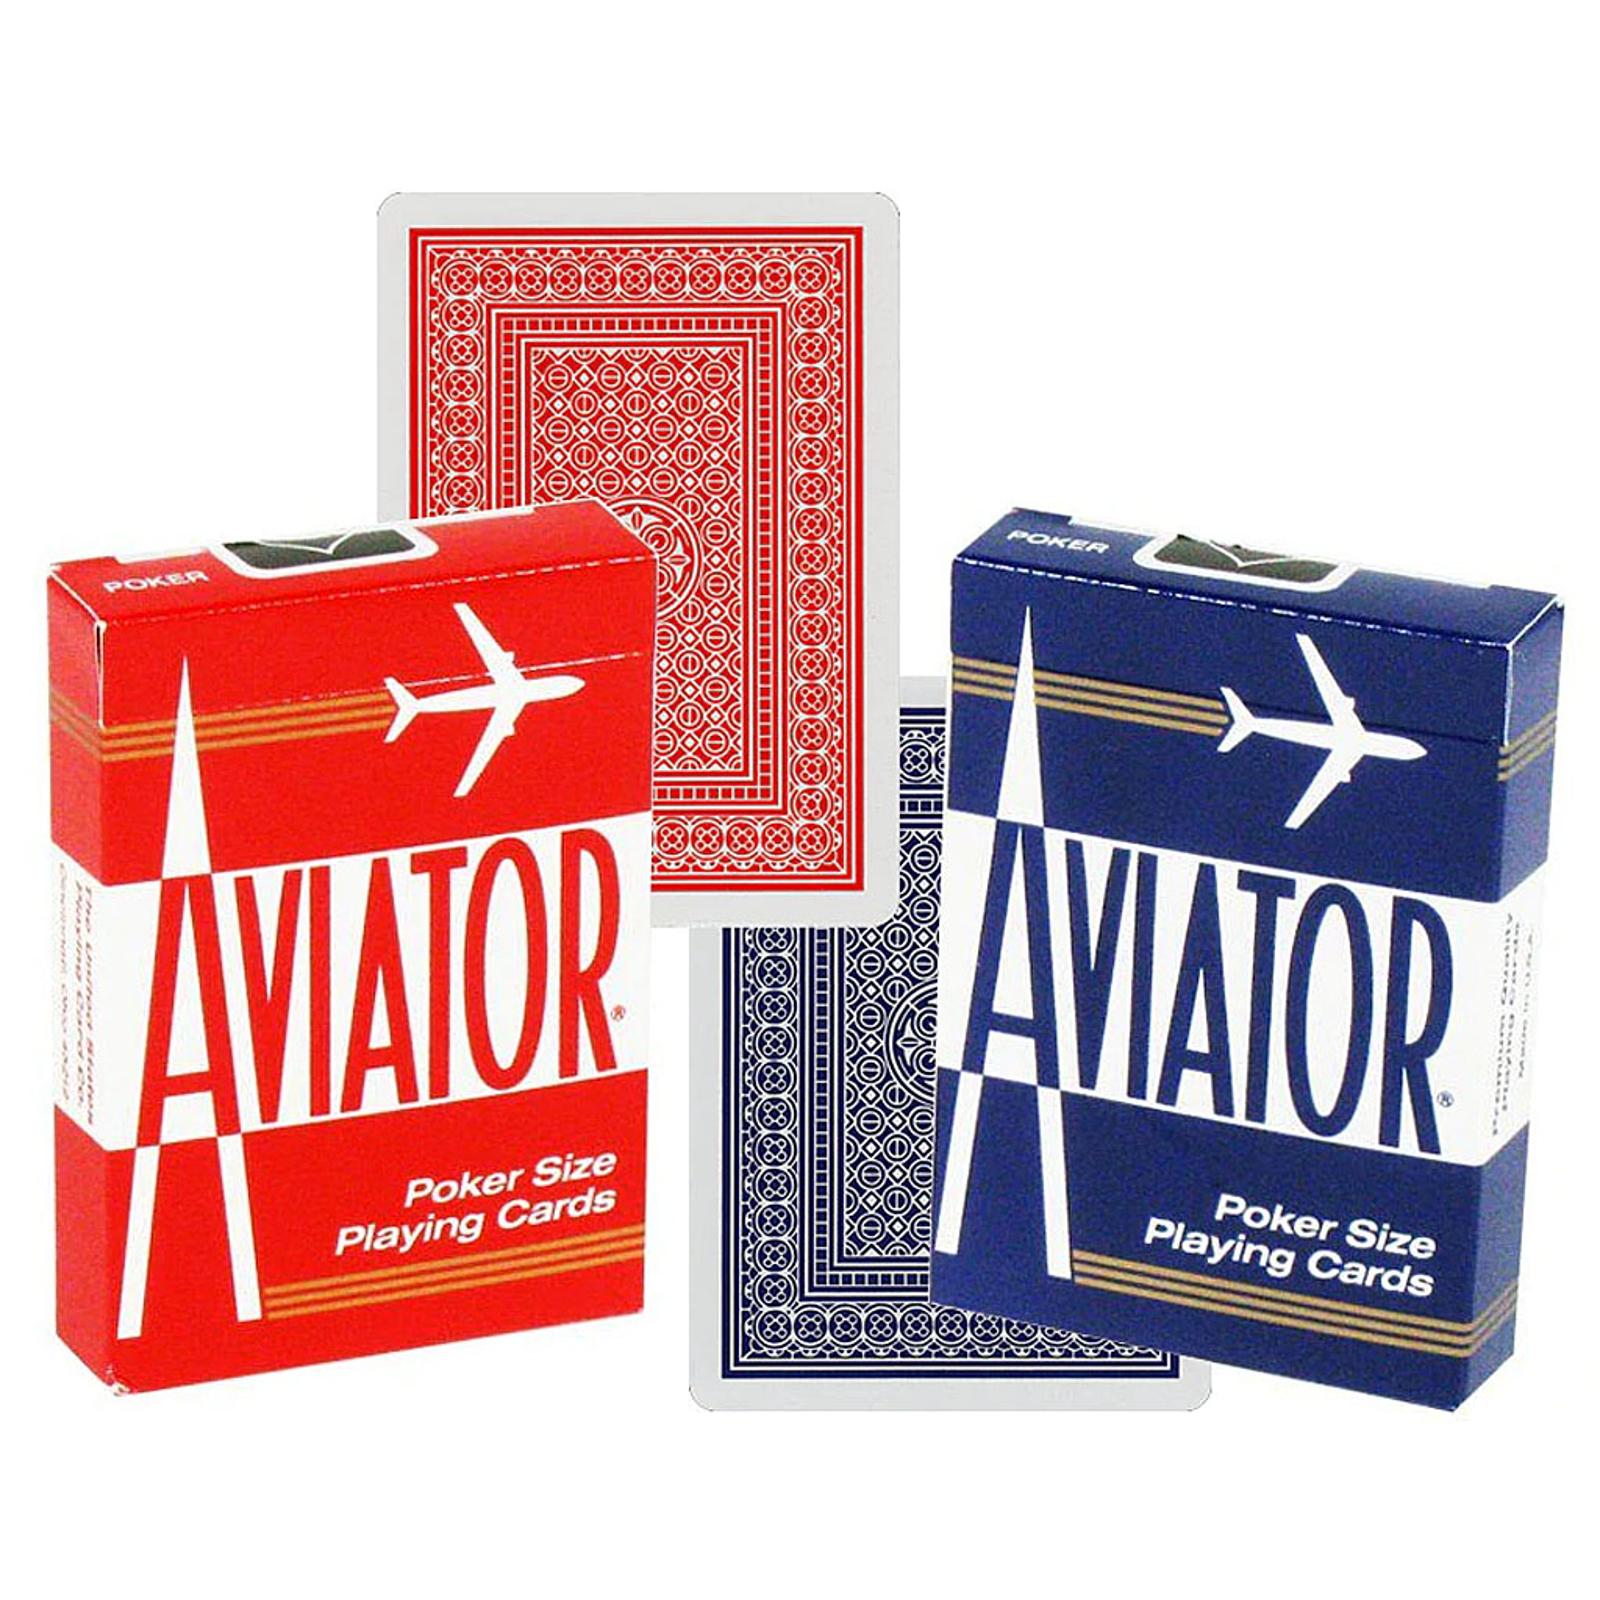 AVIATOR POKER SIZE PLAYING CARDS - Pegani